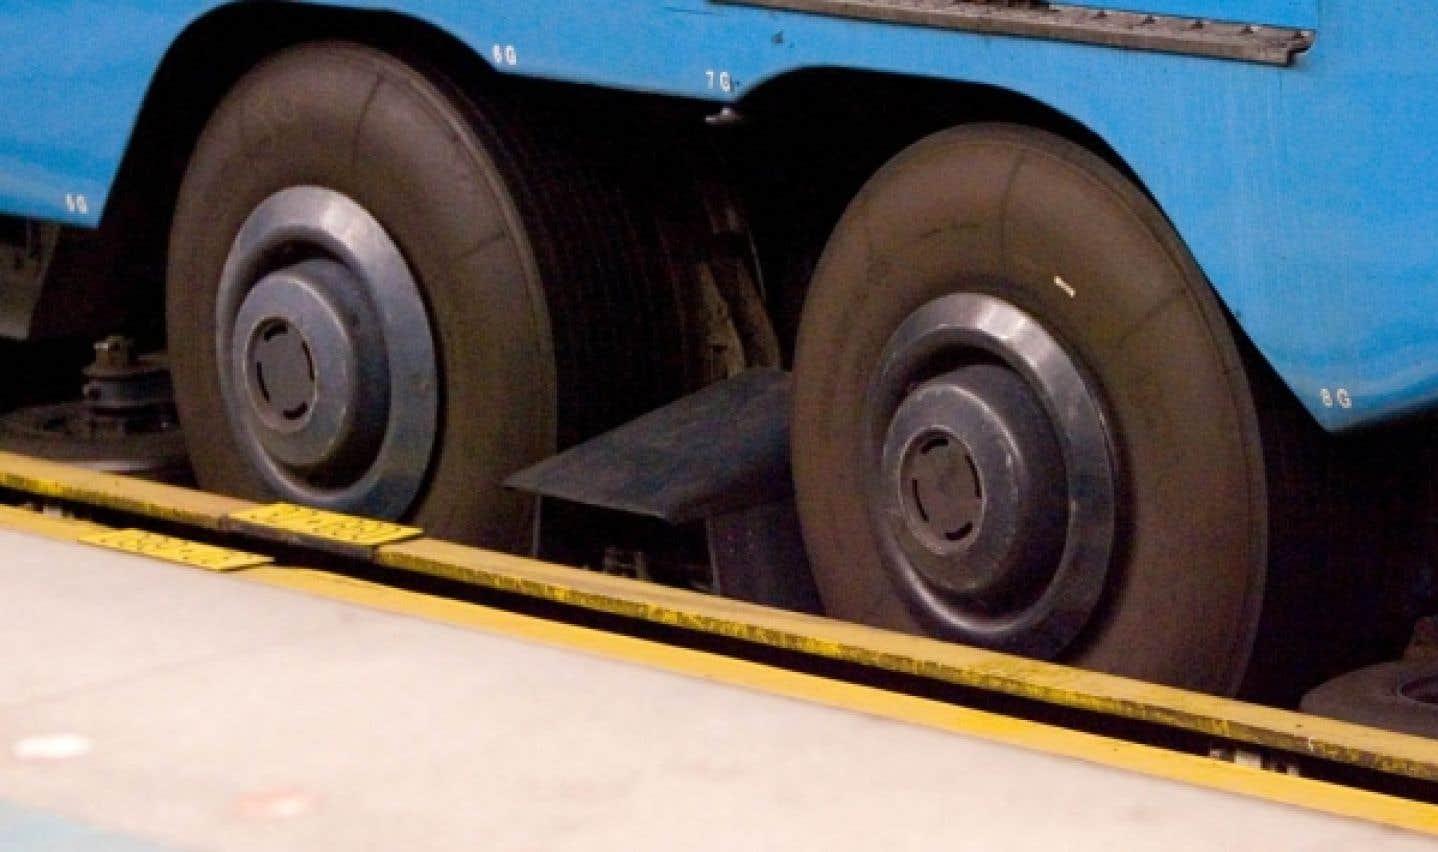 Les pneumatiques, une technologie désuète